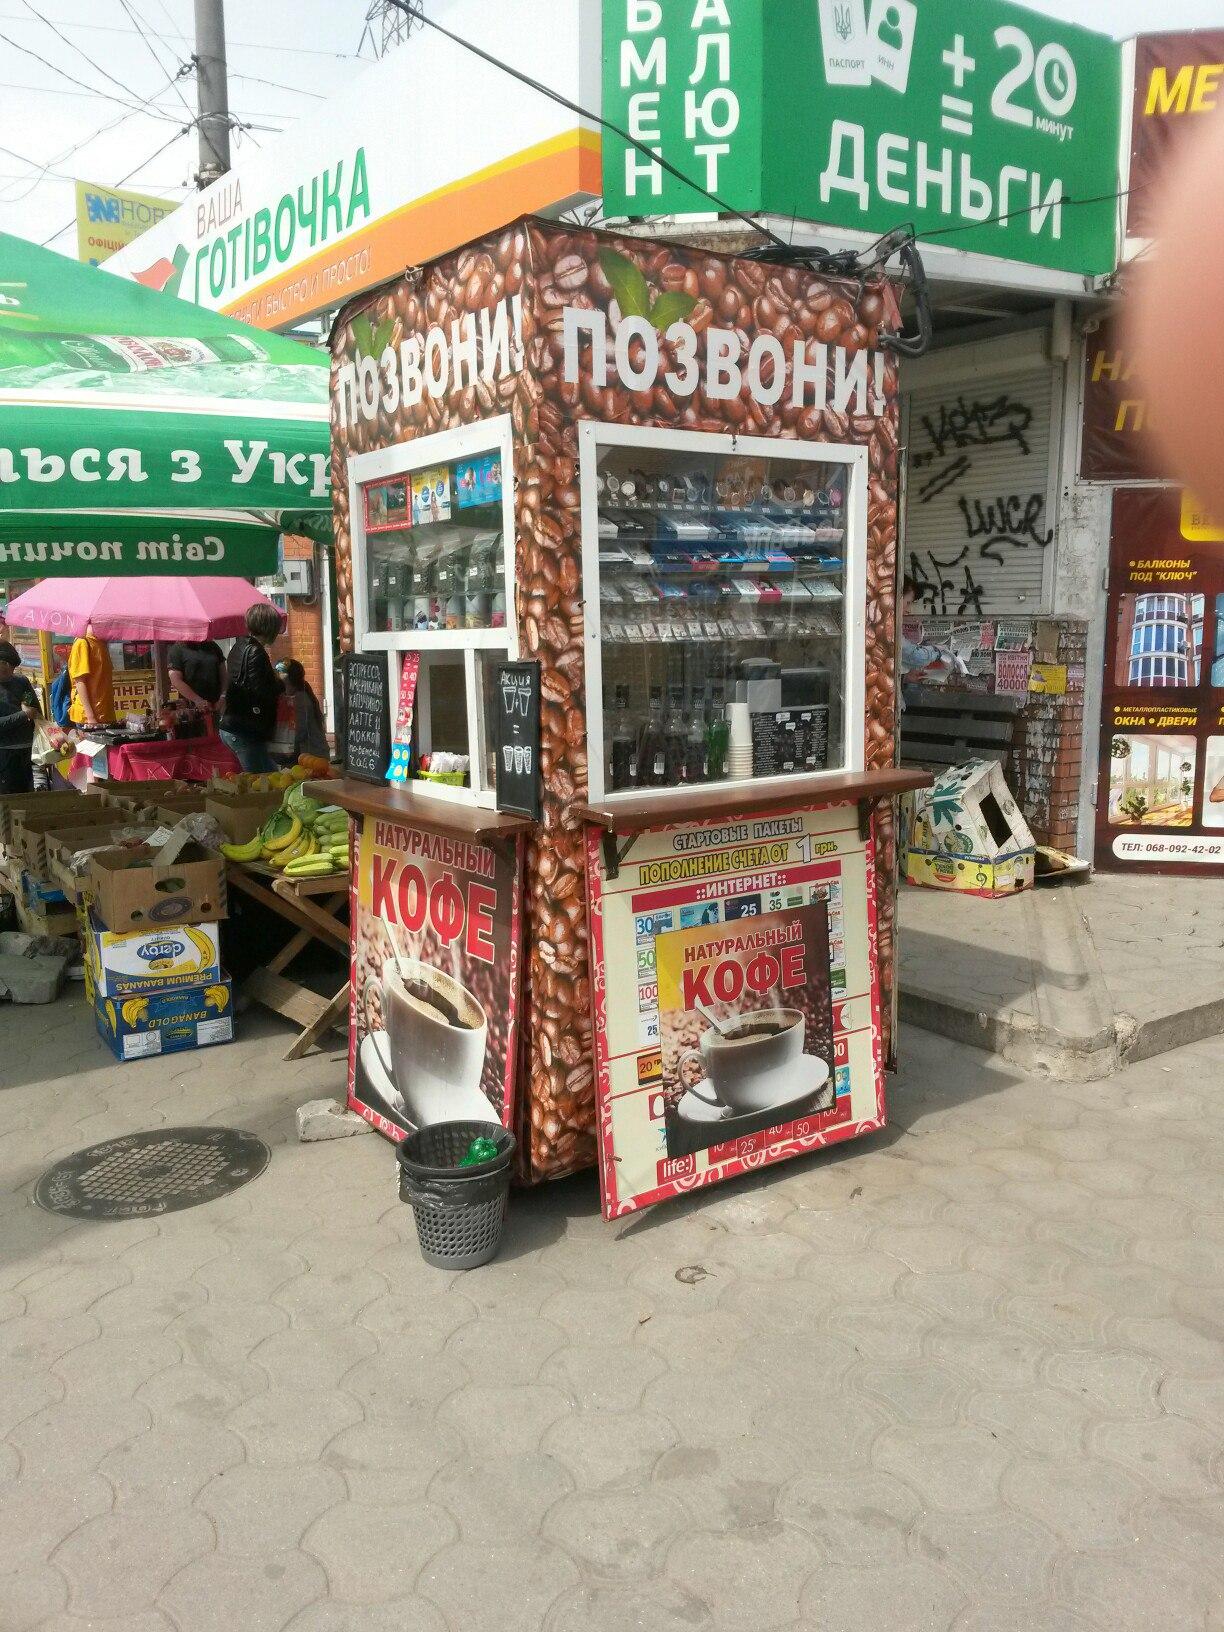 http://mk.depo.ua/ukr/nikolaev/u-mikolaevi-pratsivniki-budok-viyshli-na-piket-pid-meriyu-19052016102200